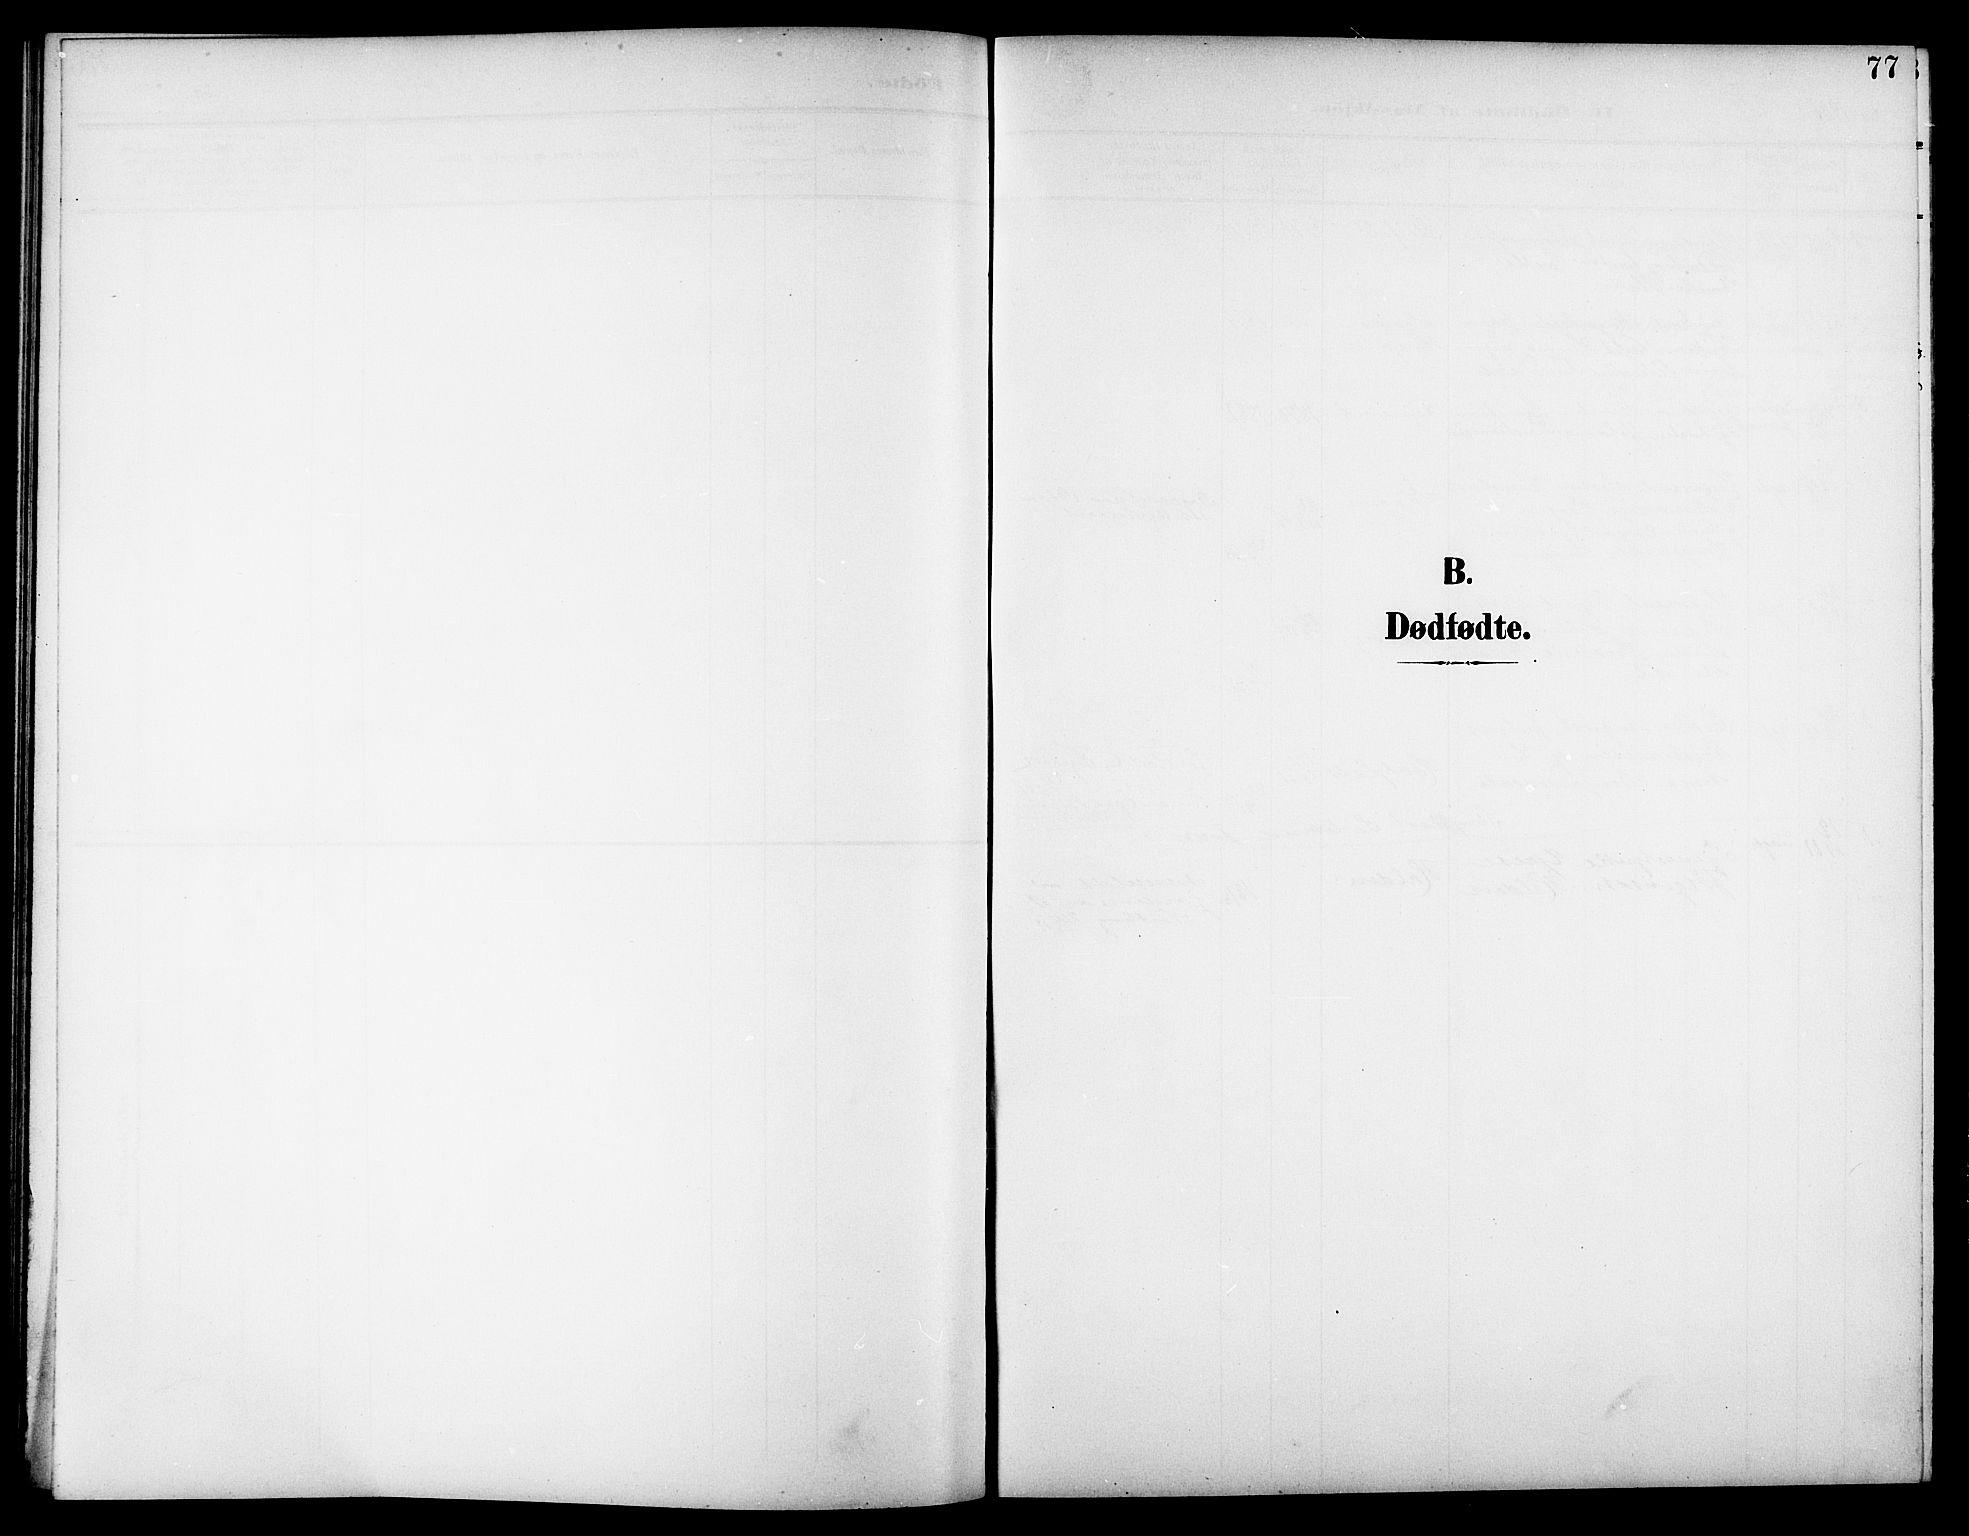 SAT, Ministerialprotokoller, klokkerbøker og fødselsregistre - Nord-Trøndelag, 744/L0424: Klokkerbok nr. 744C03, 1906-1923, s. 77